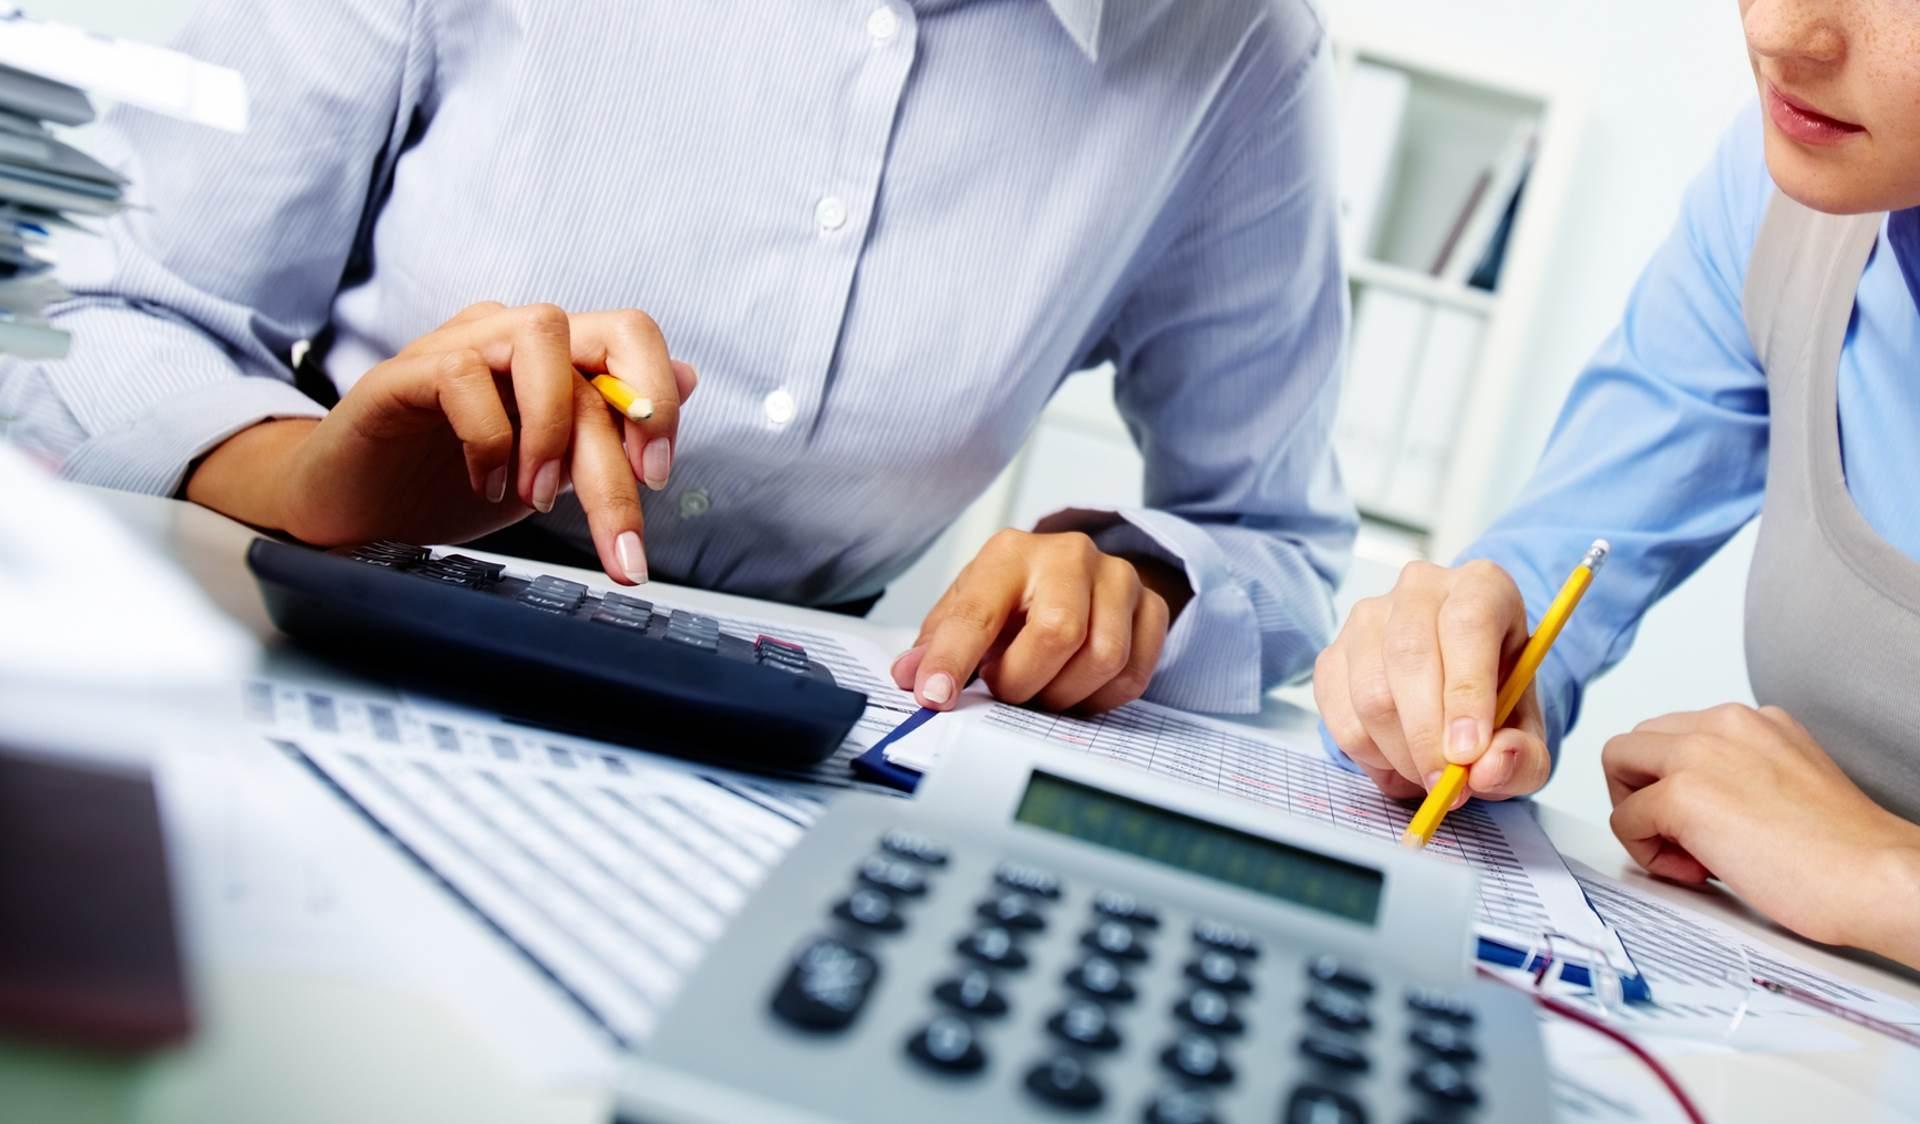 Iščete računovodske storitve? Pomagali vam bomo poiskati primerno računovodstvo za vaše potrebe